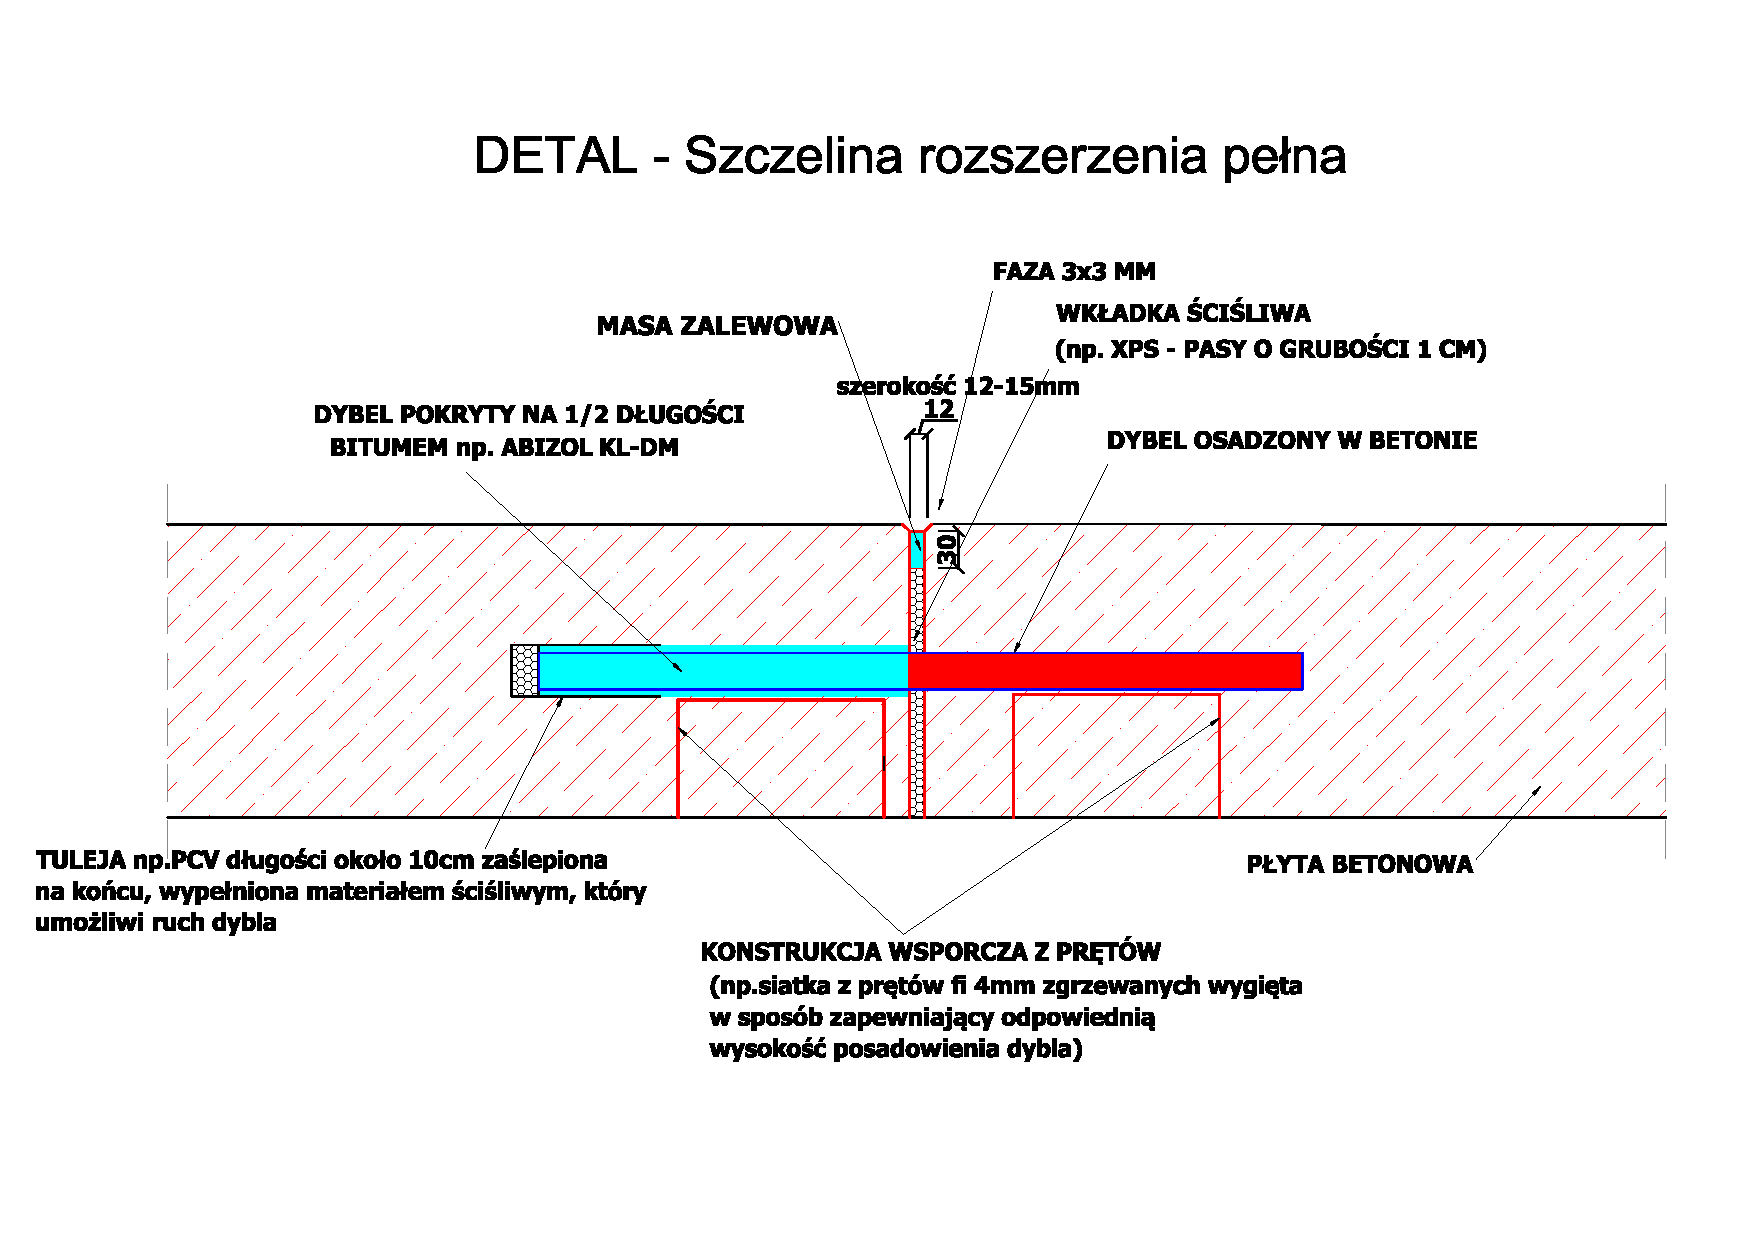 Detal - Szczelina rozszerzenia pełna